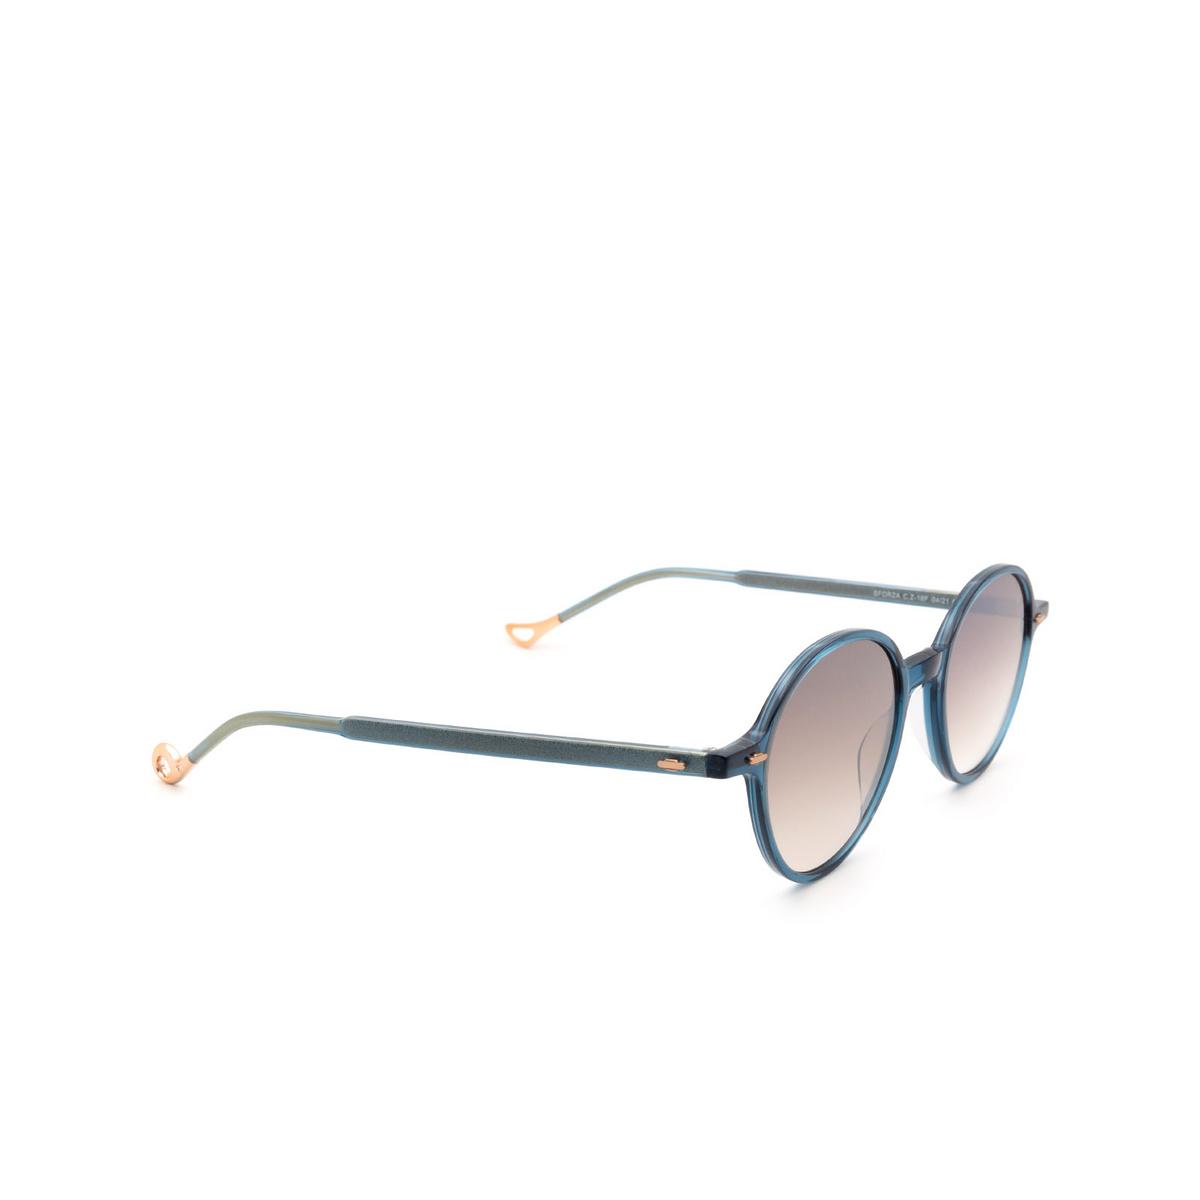 Eyepetizer® Round Sunglasses: Sforza color Blue C.Z-18F - three-quarters view.